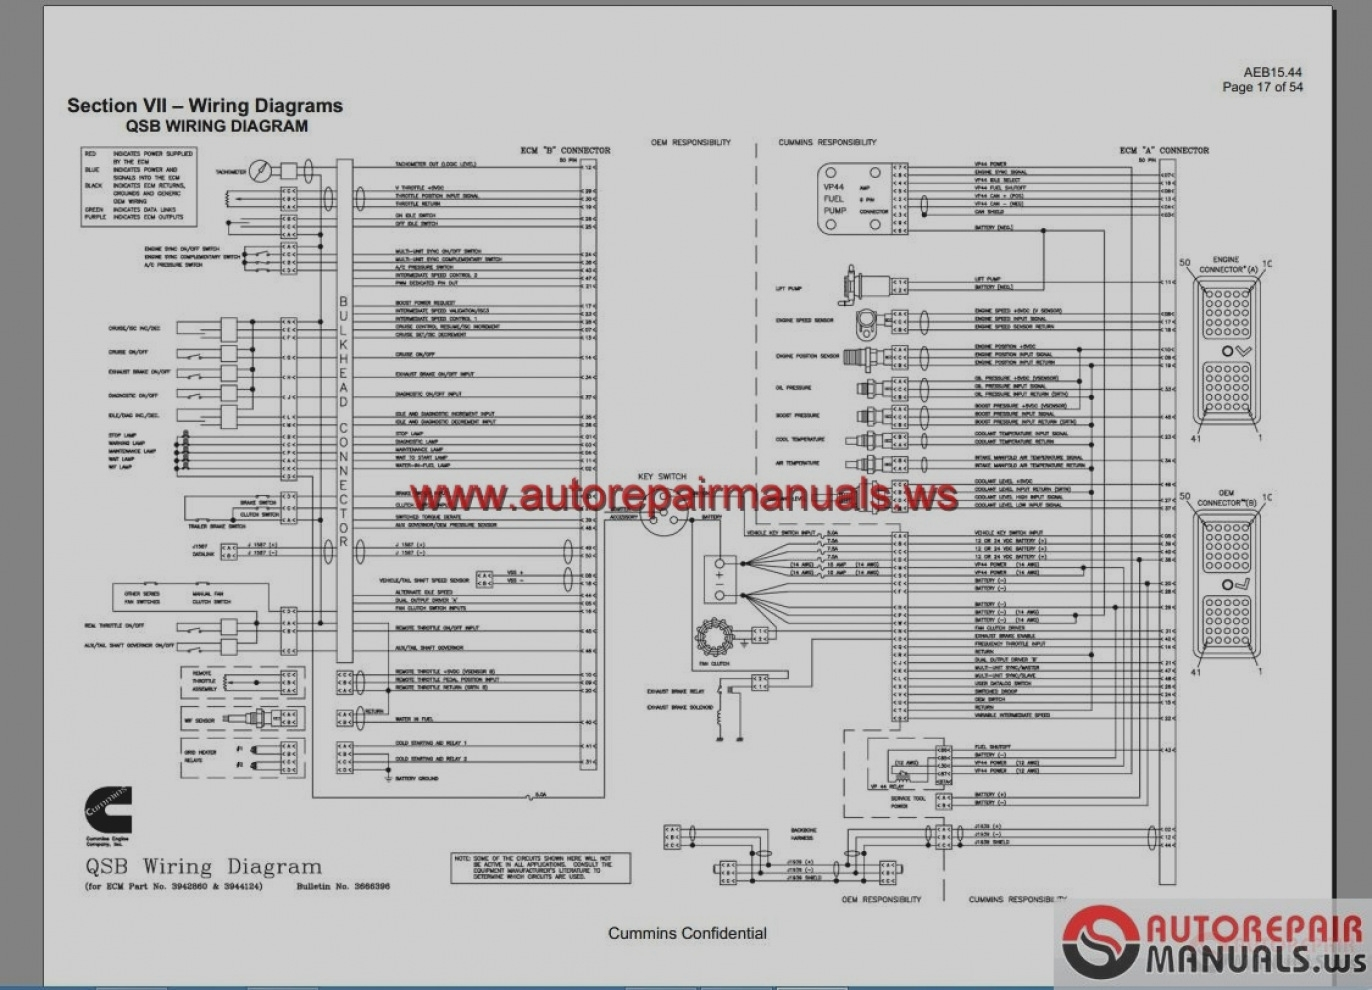 hight resolution of cummins m11 ecm wiring diagram new n14 celect wiring diagram cummins engine plus wiring 19a